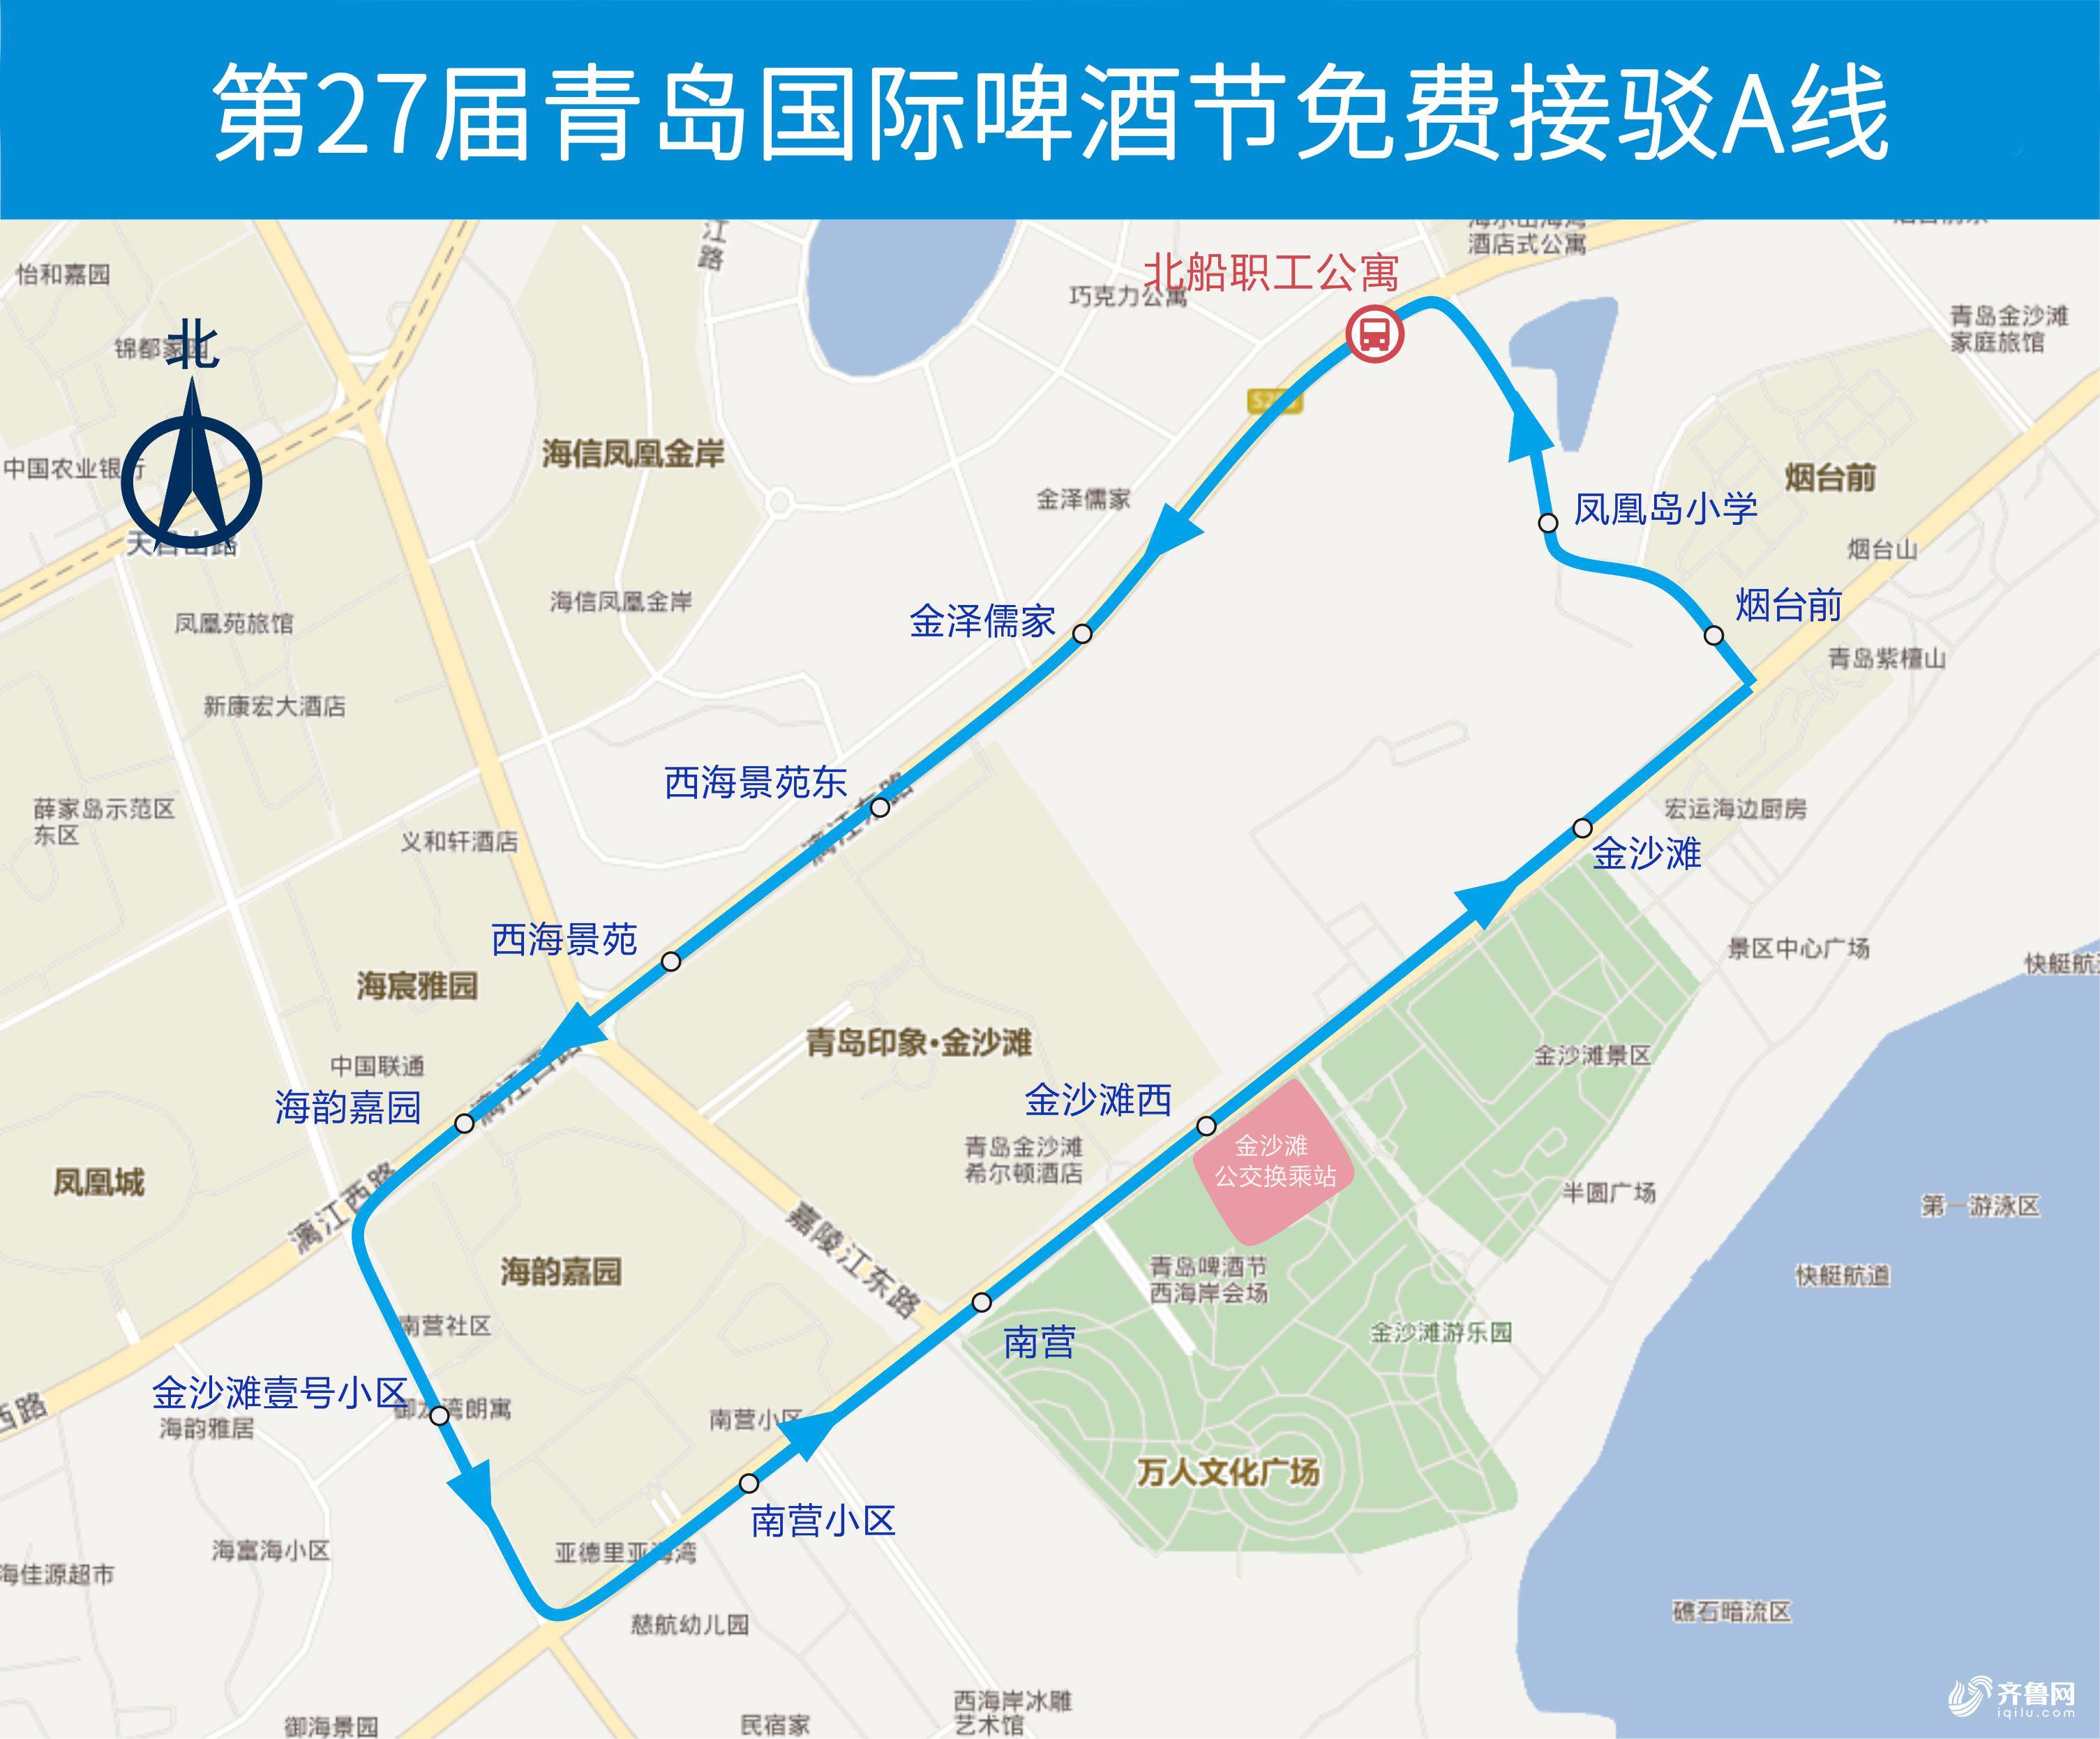 青岛国际啤酒节倒计时 金沙滩啤酒城公交线路攻略发布